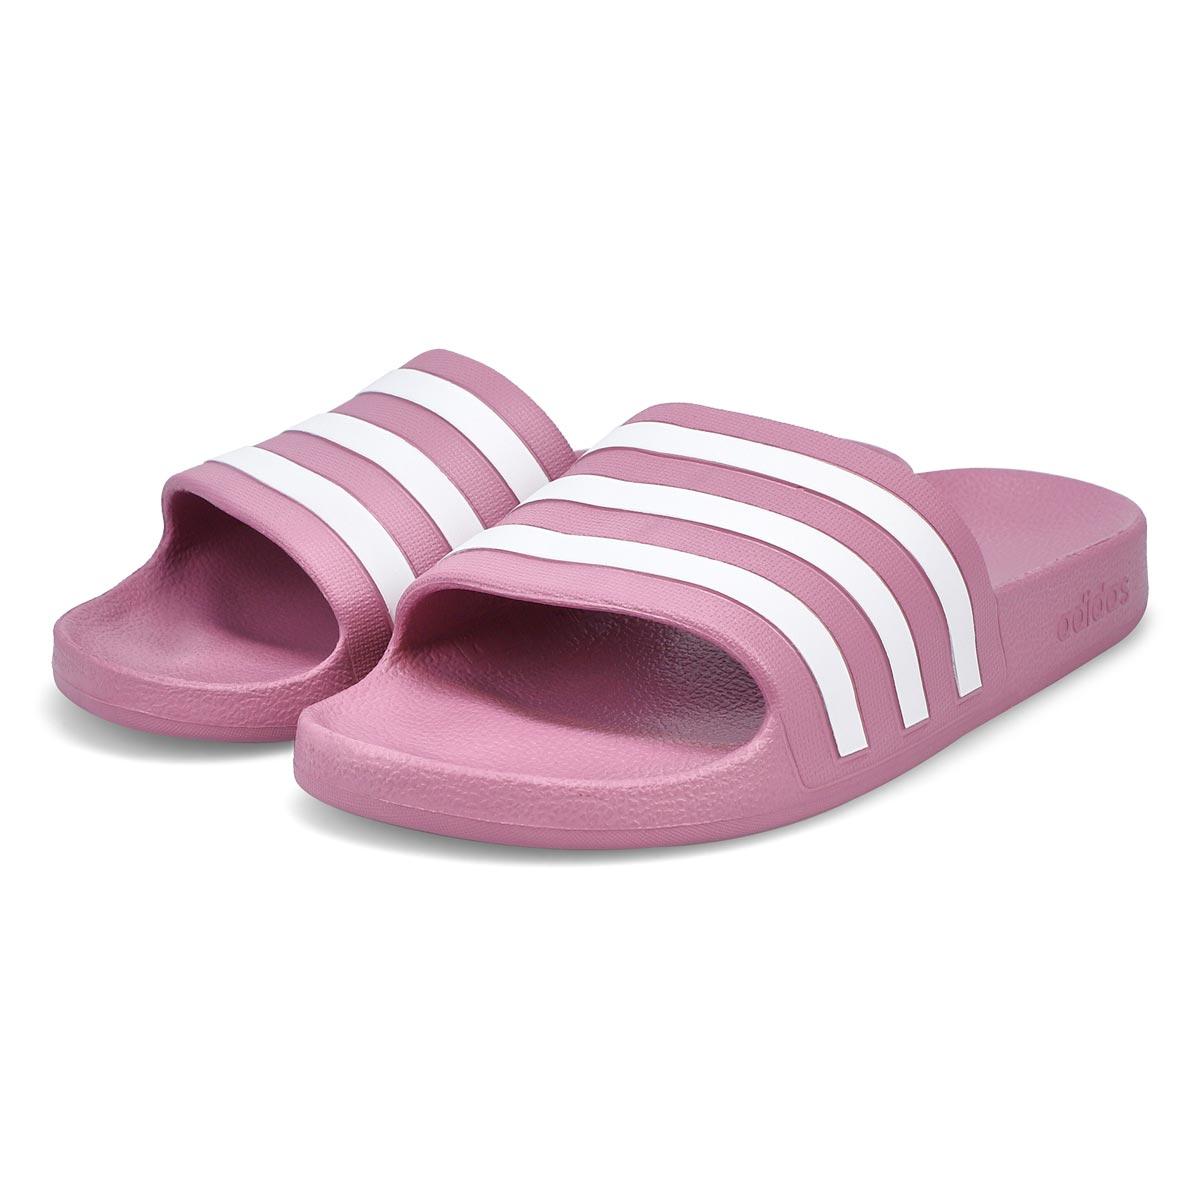 Women's Adilette Aqua Slide Sandal - Cherry/White